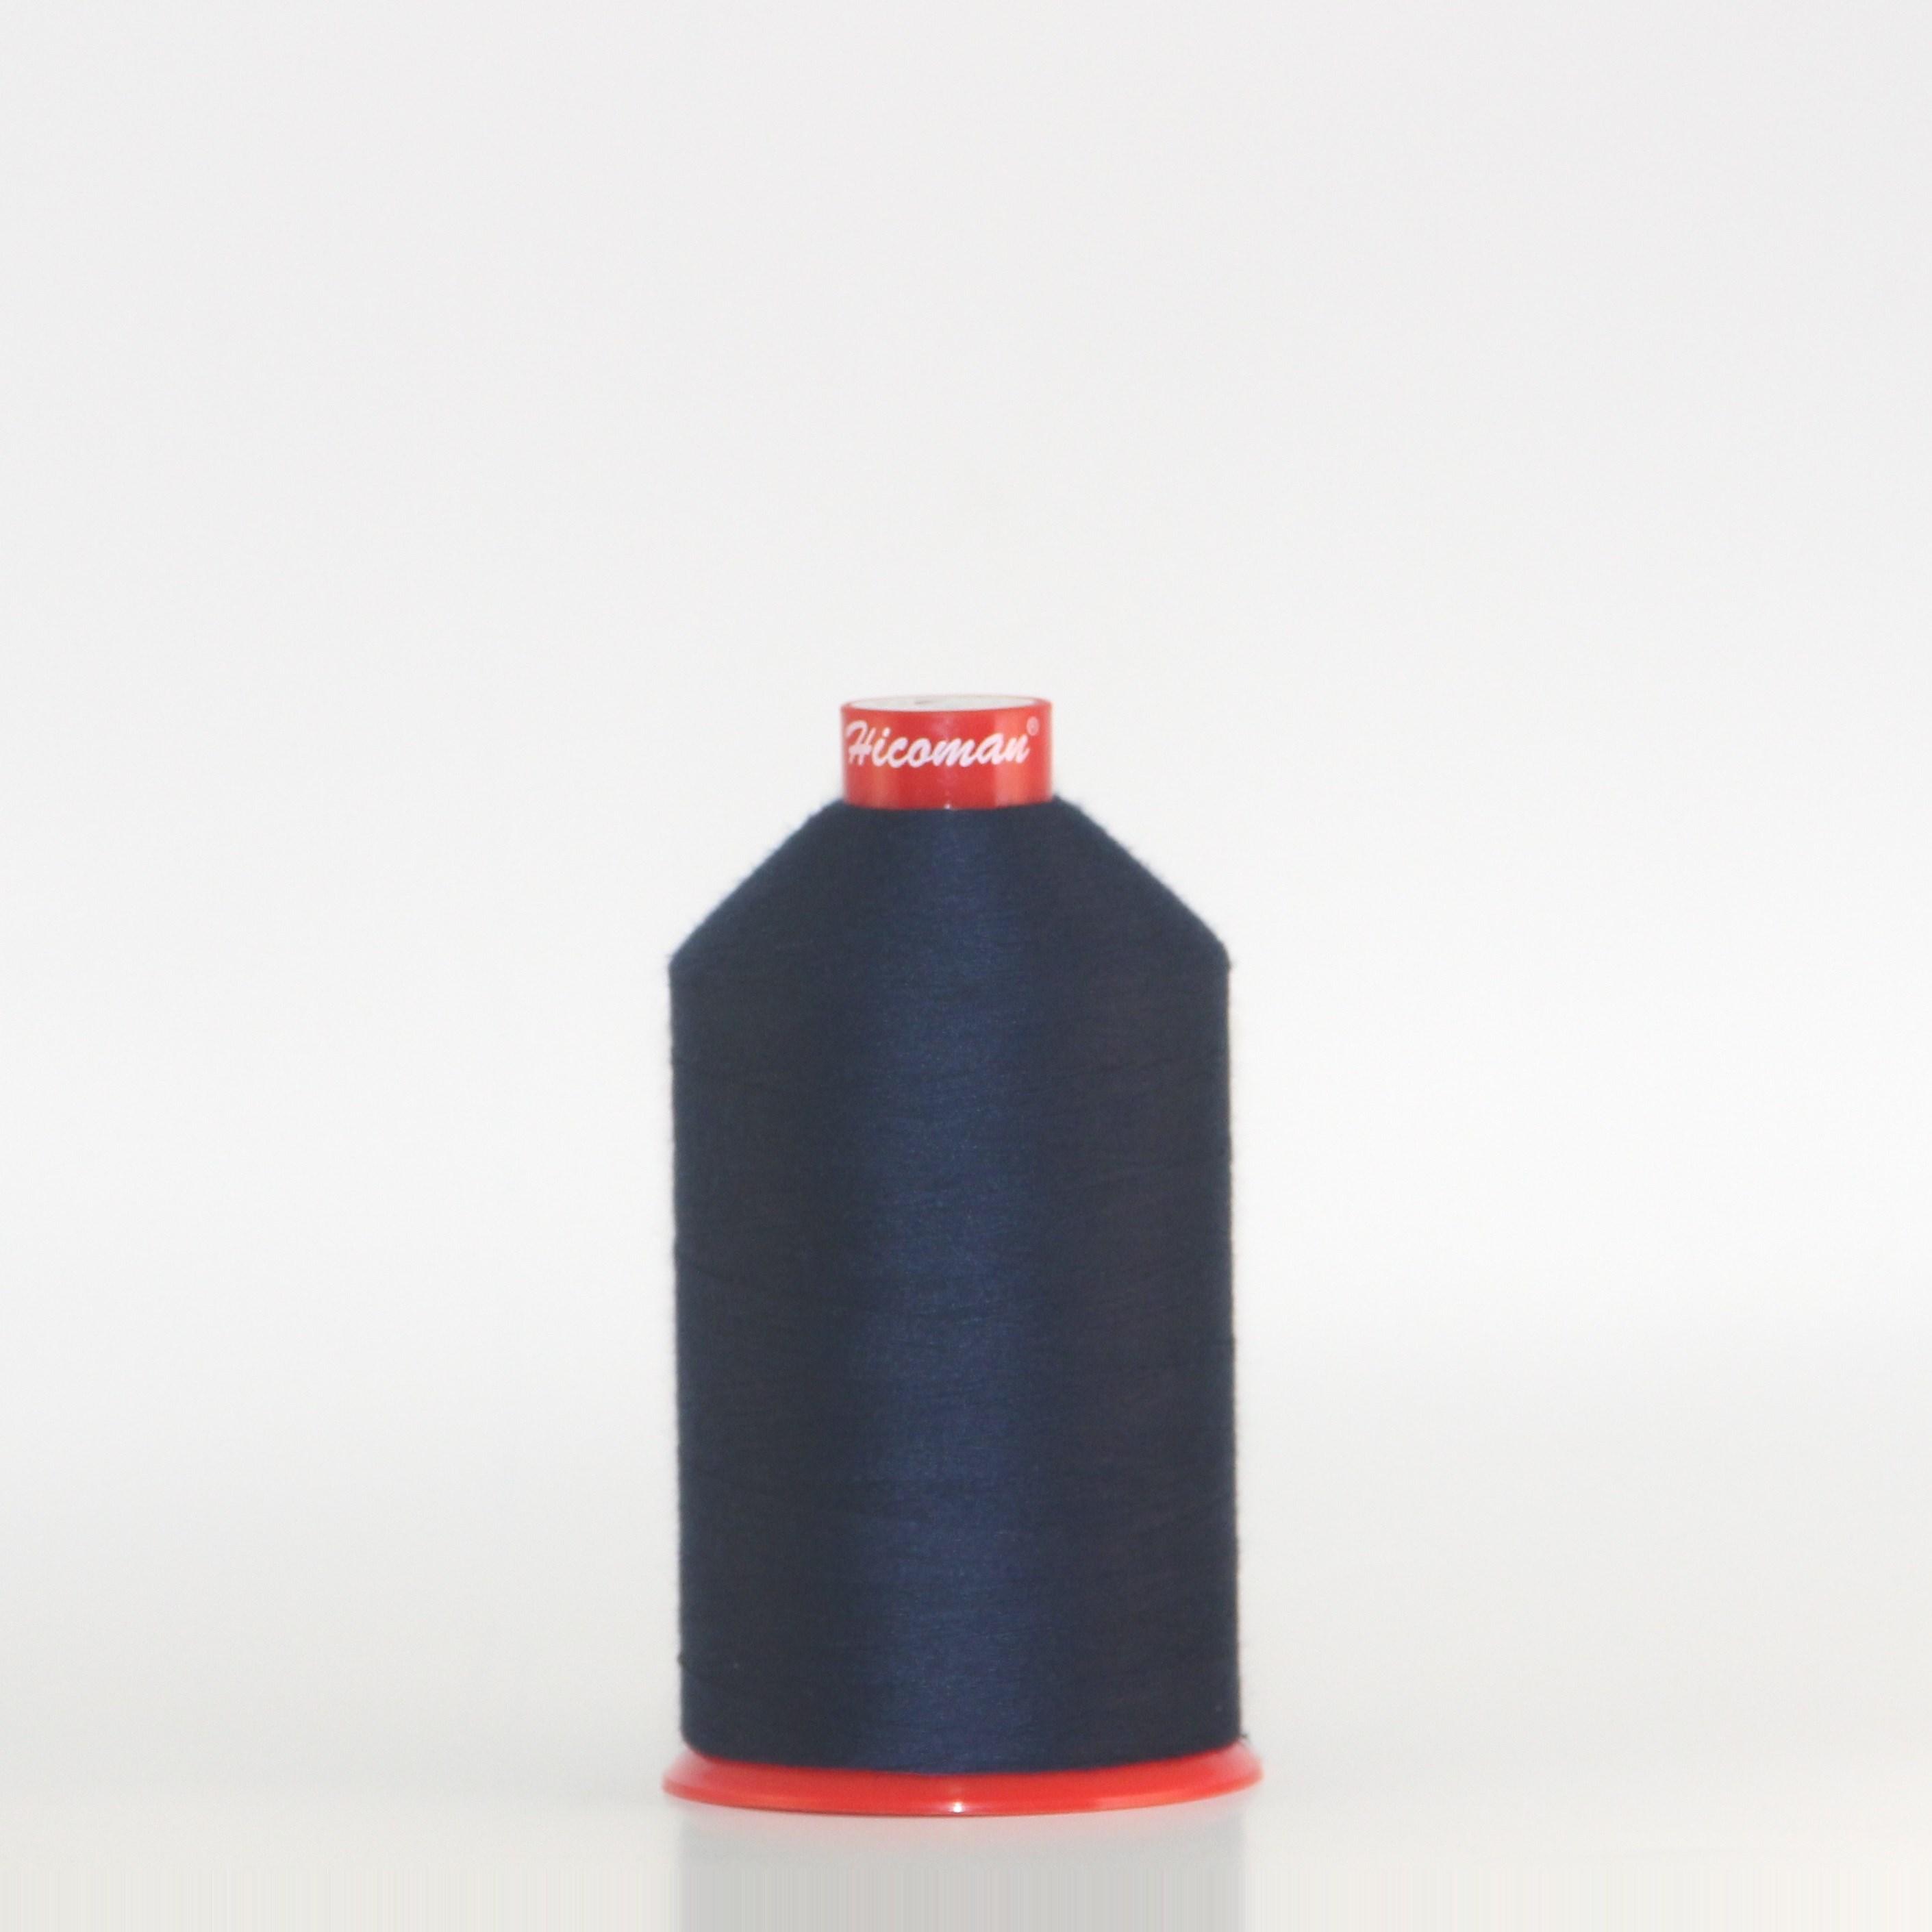 hilos ignifugos hicoman hilos para coser resistentes